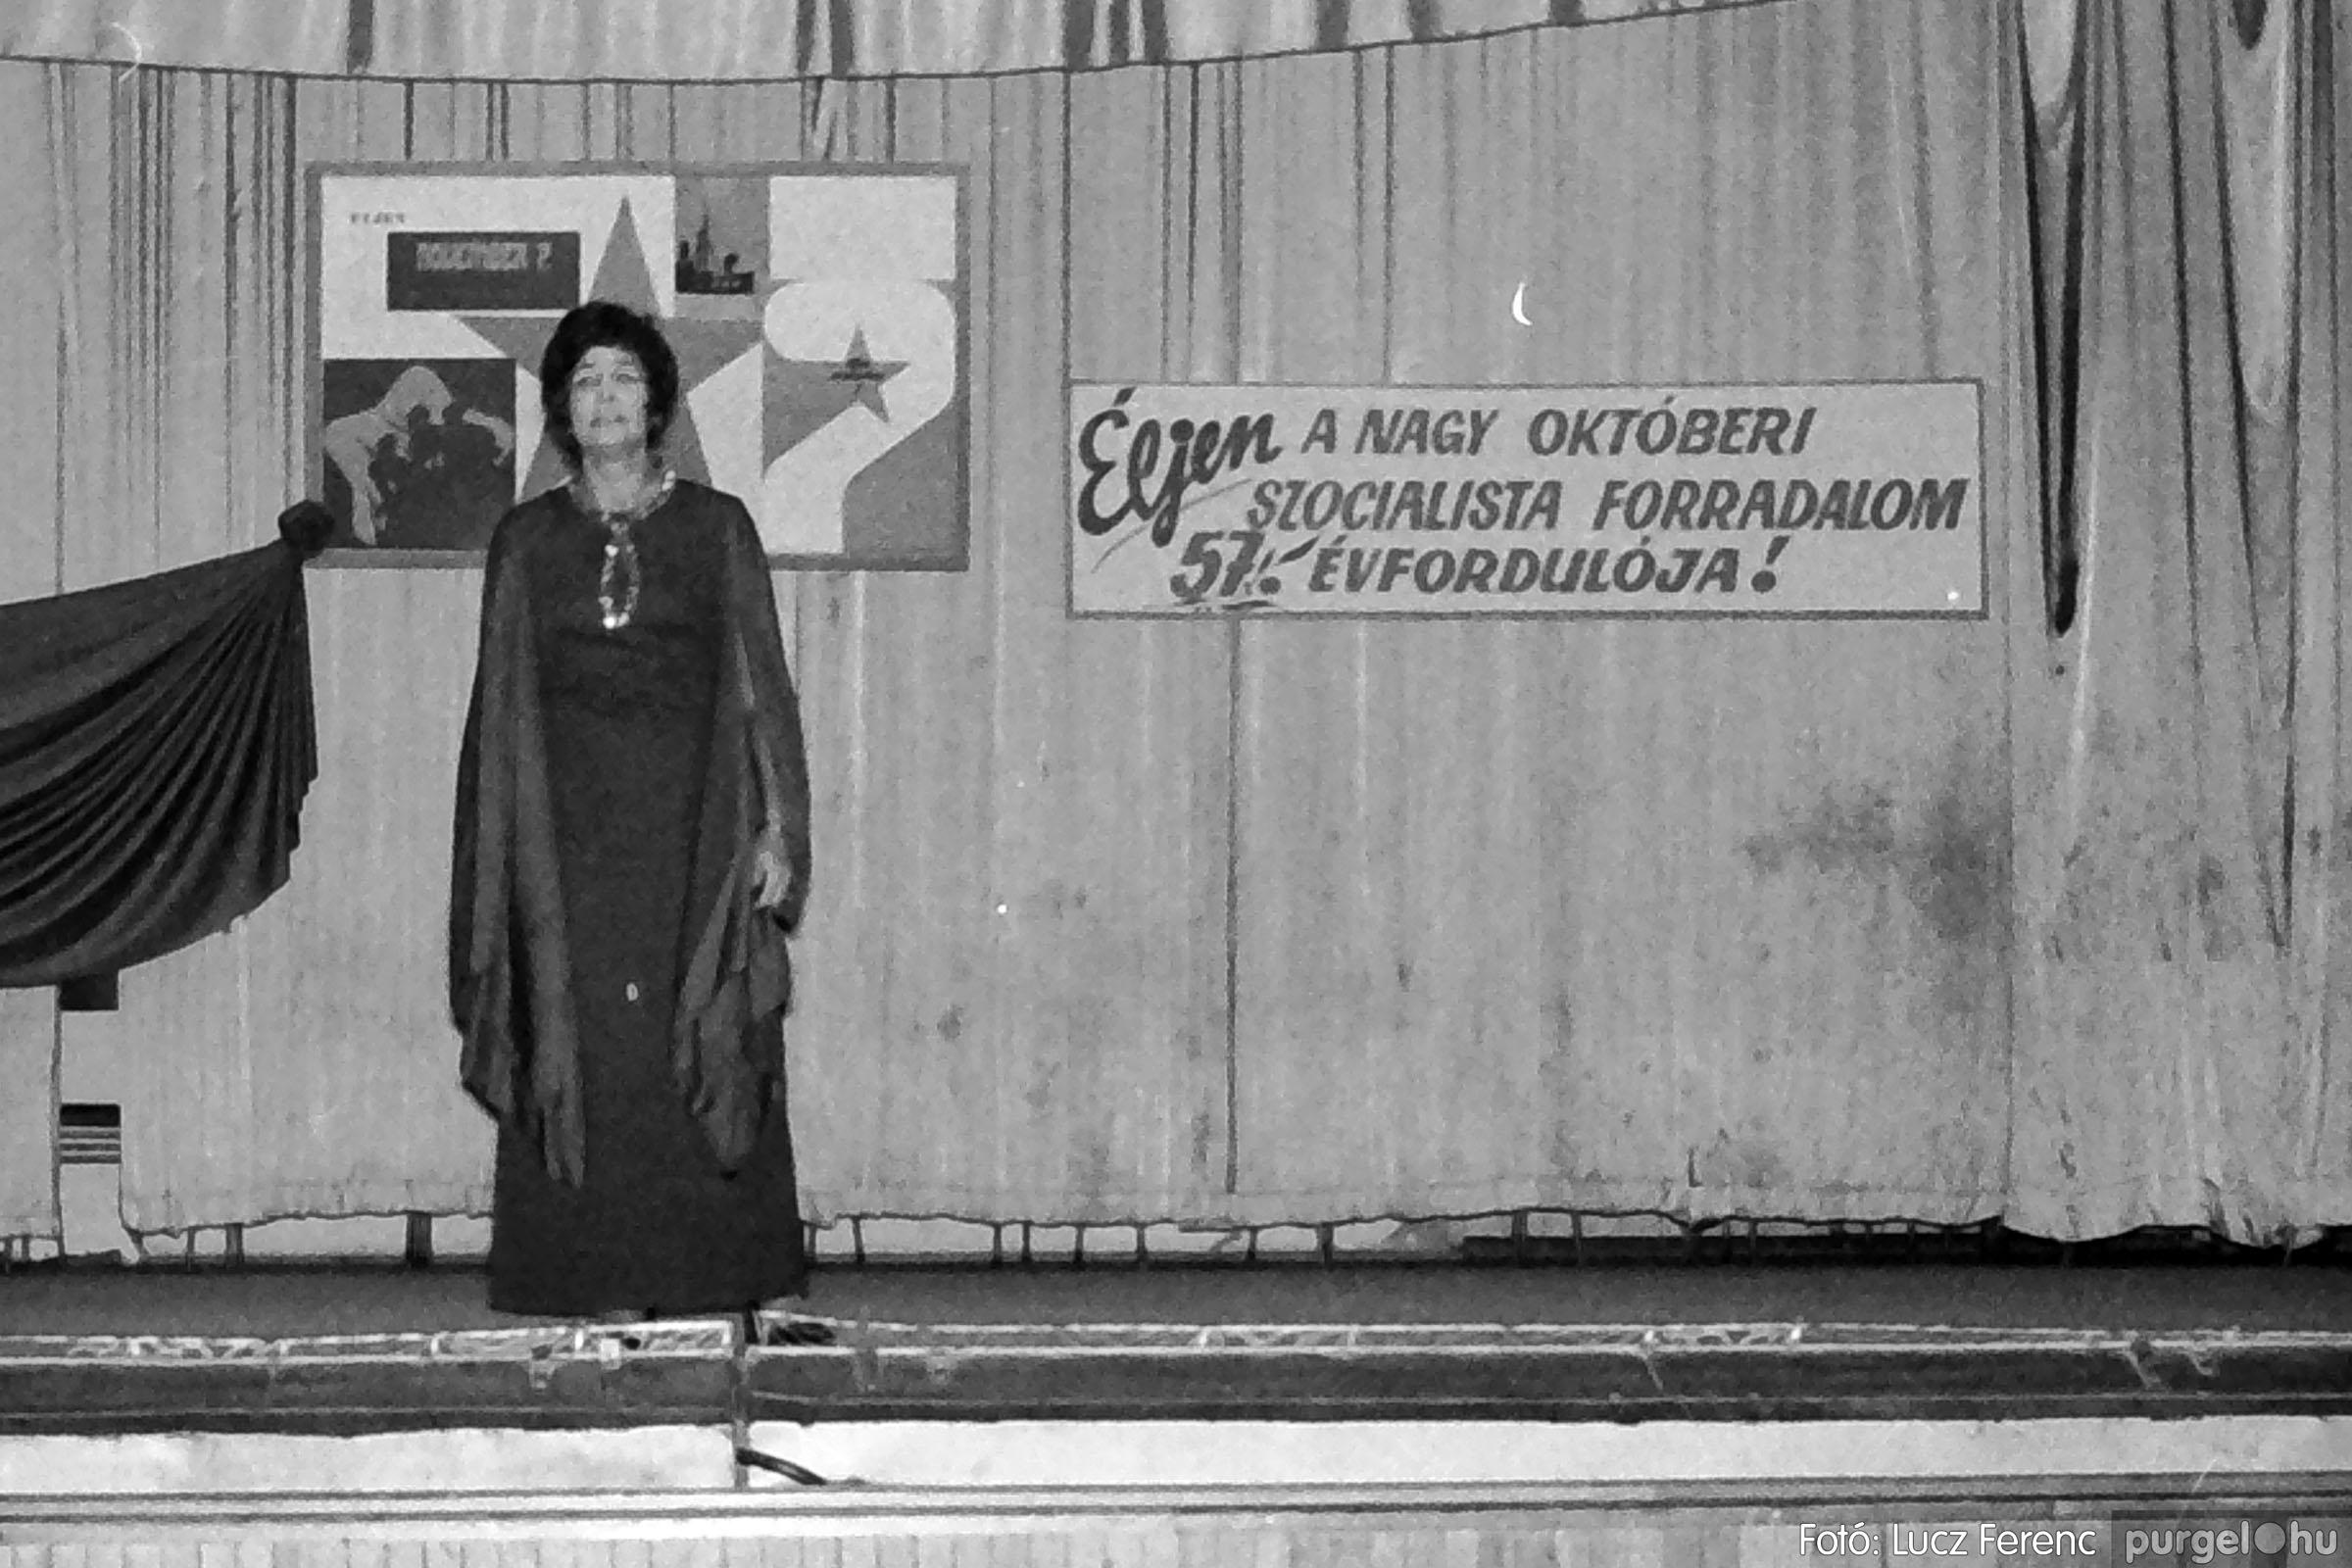 004C 1970-es évek - Zenés est 001 - Fotó: Lucz Ferenc IMG00072q.jpg